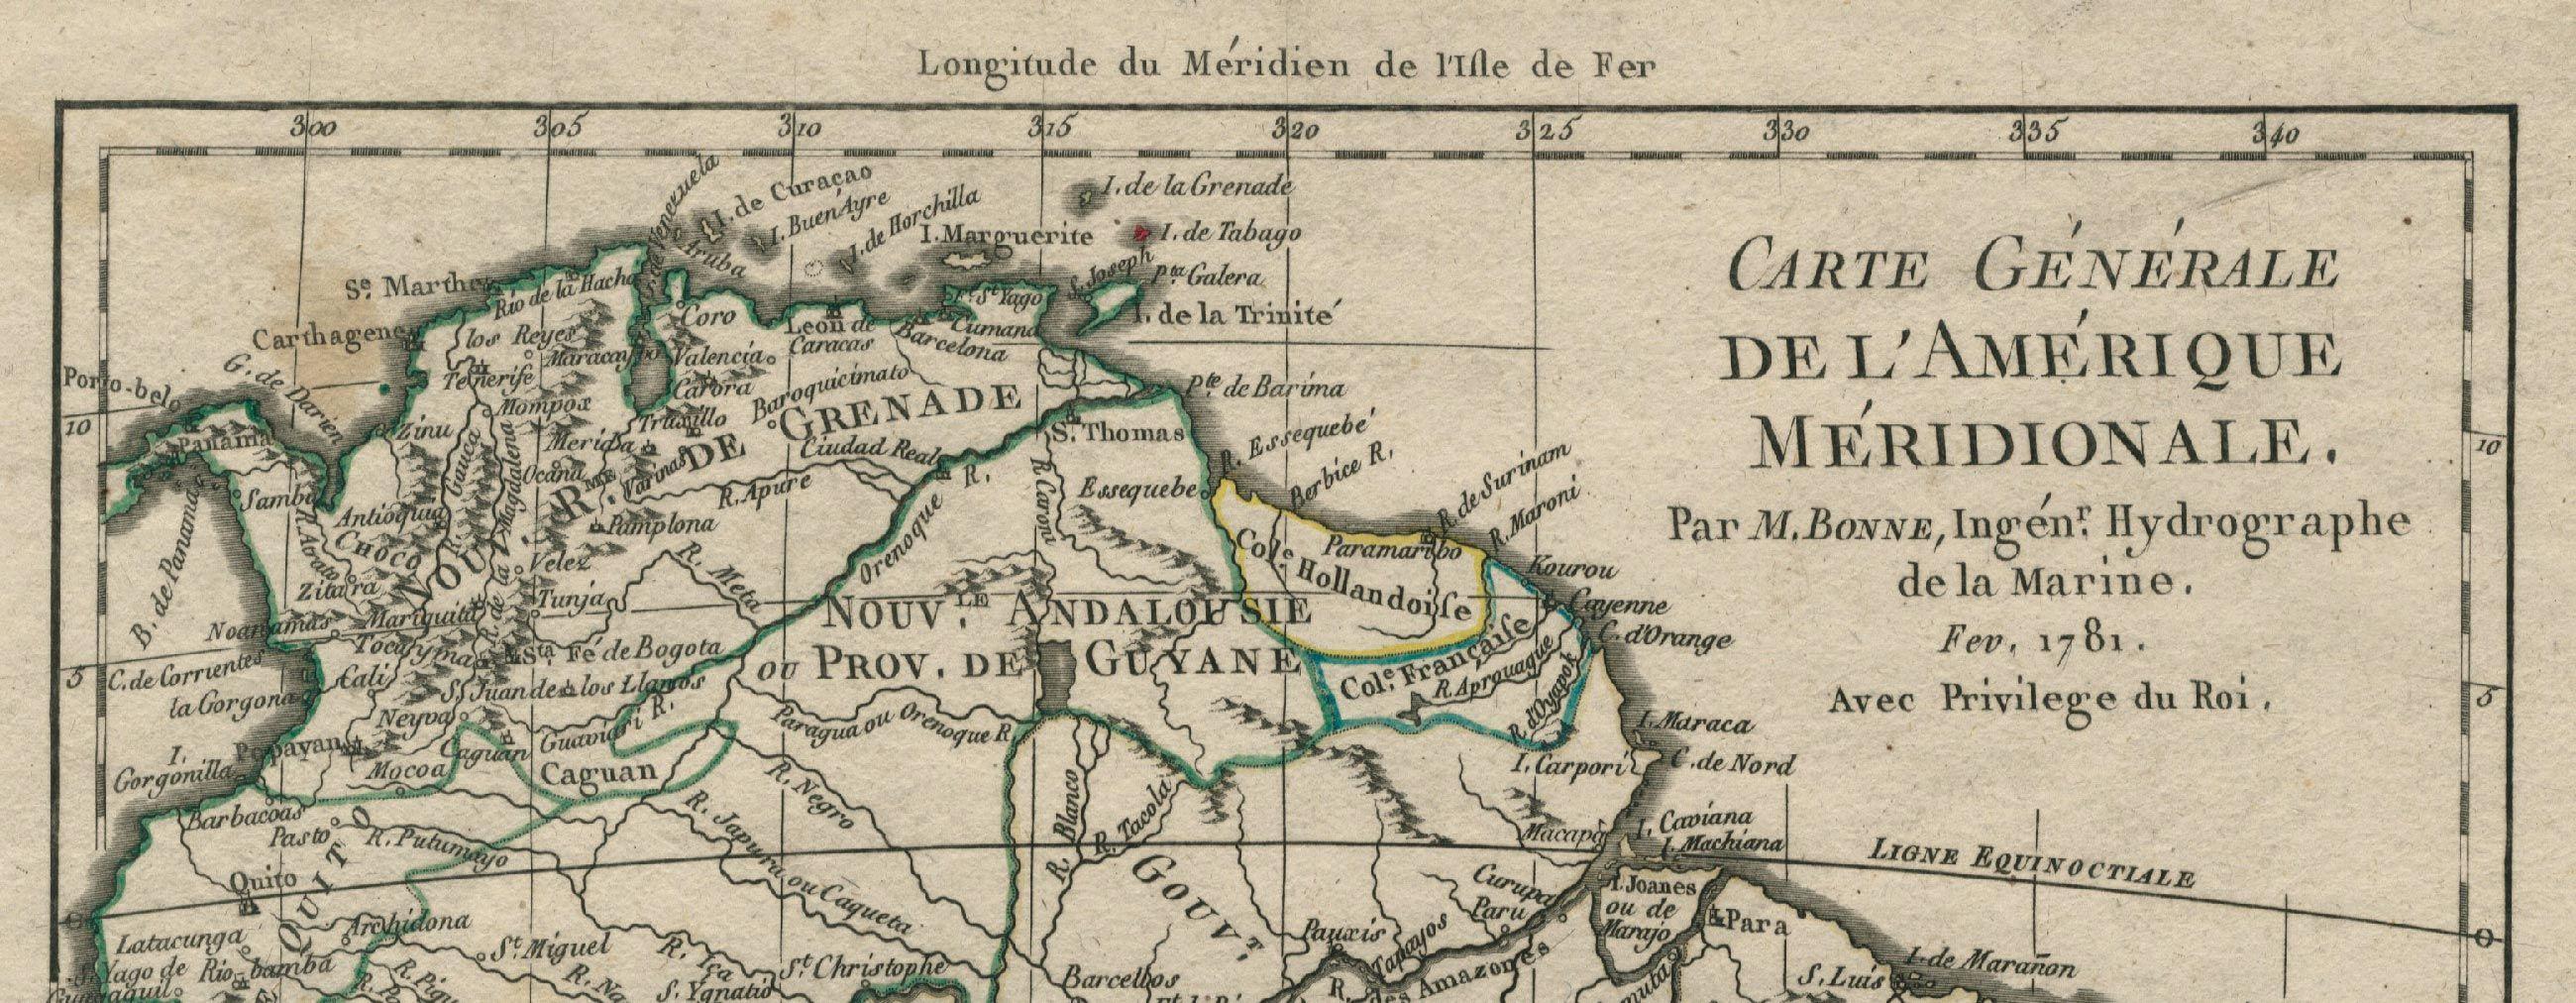 Fonte 2: particolare da M. Bonne, Carte Générale de l'Amérique Méridionale, Paris 1781.